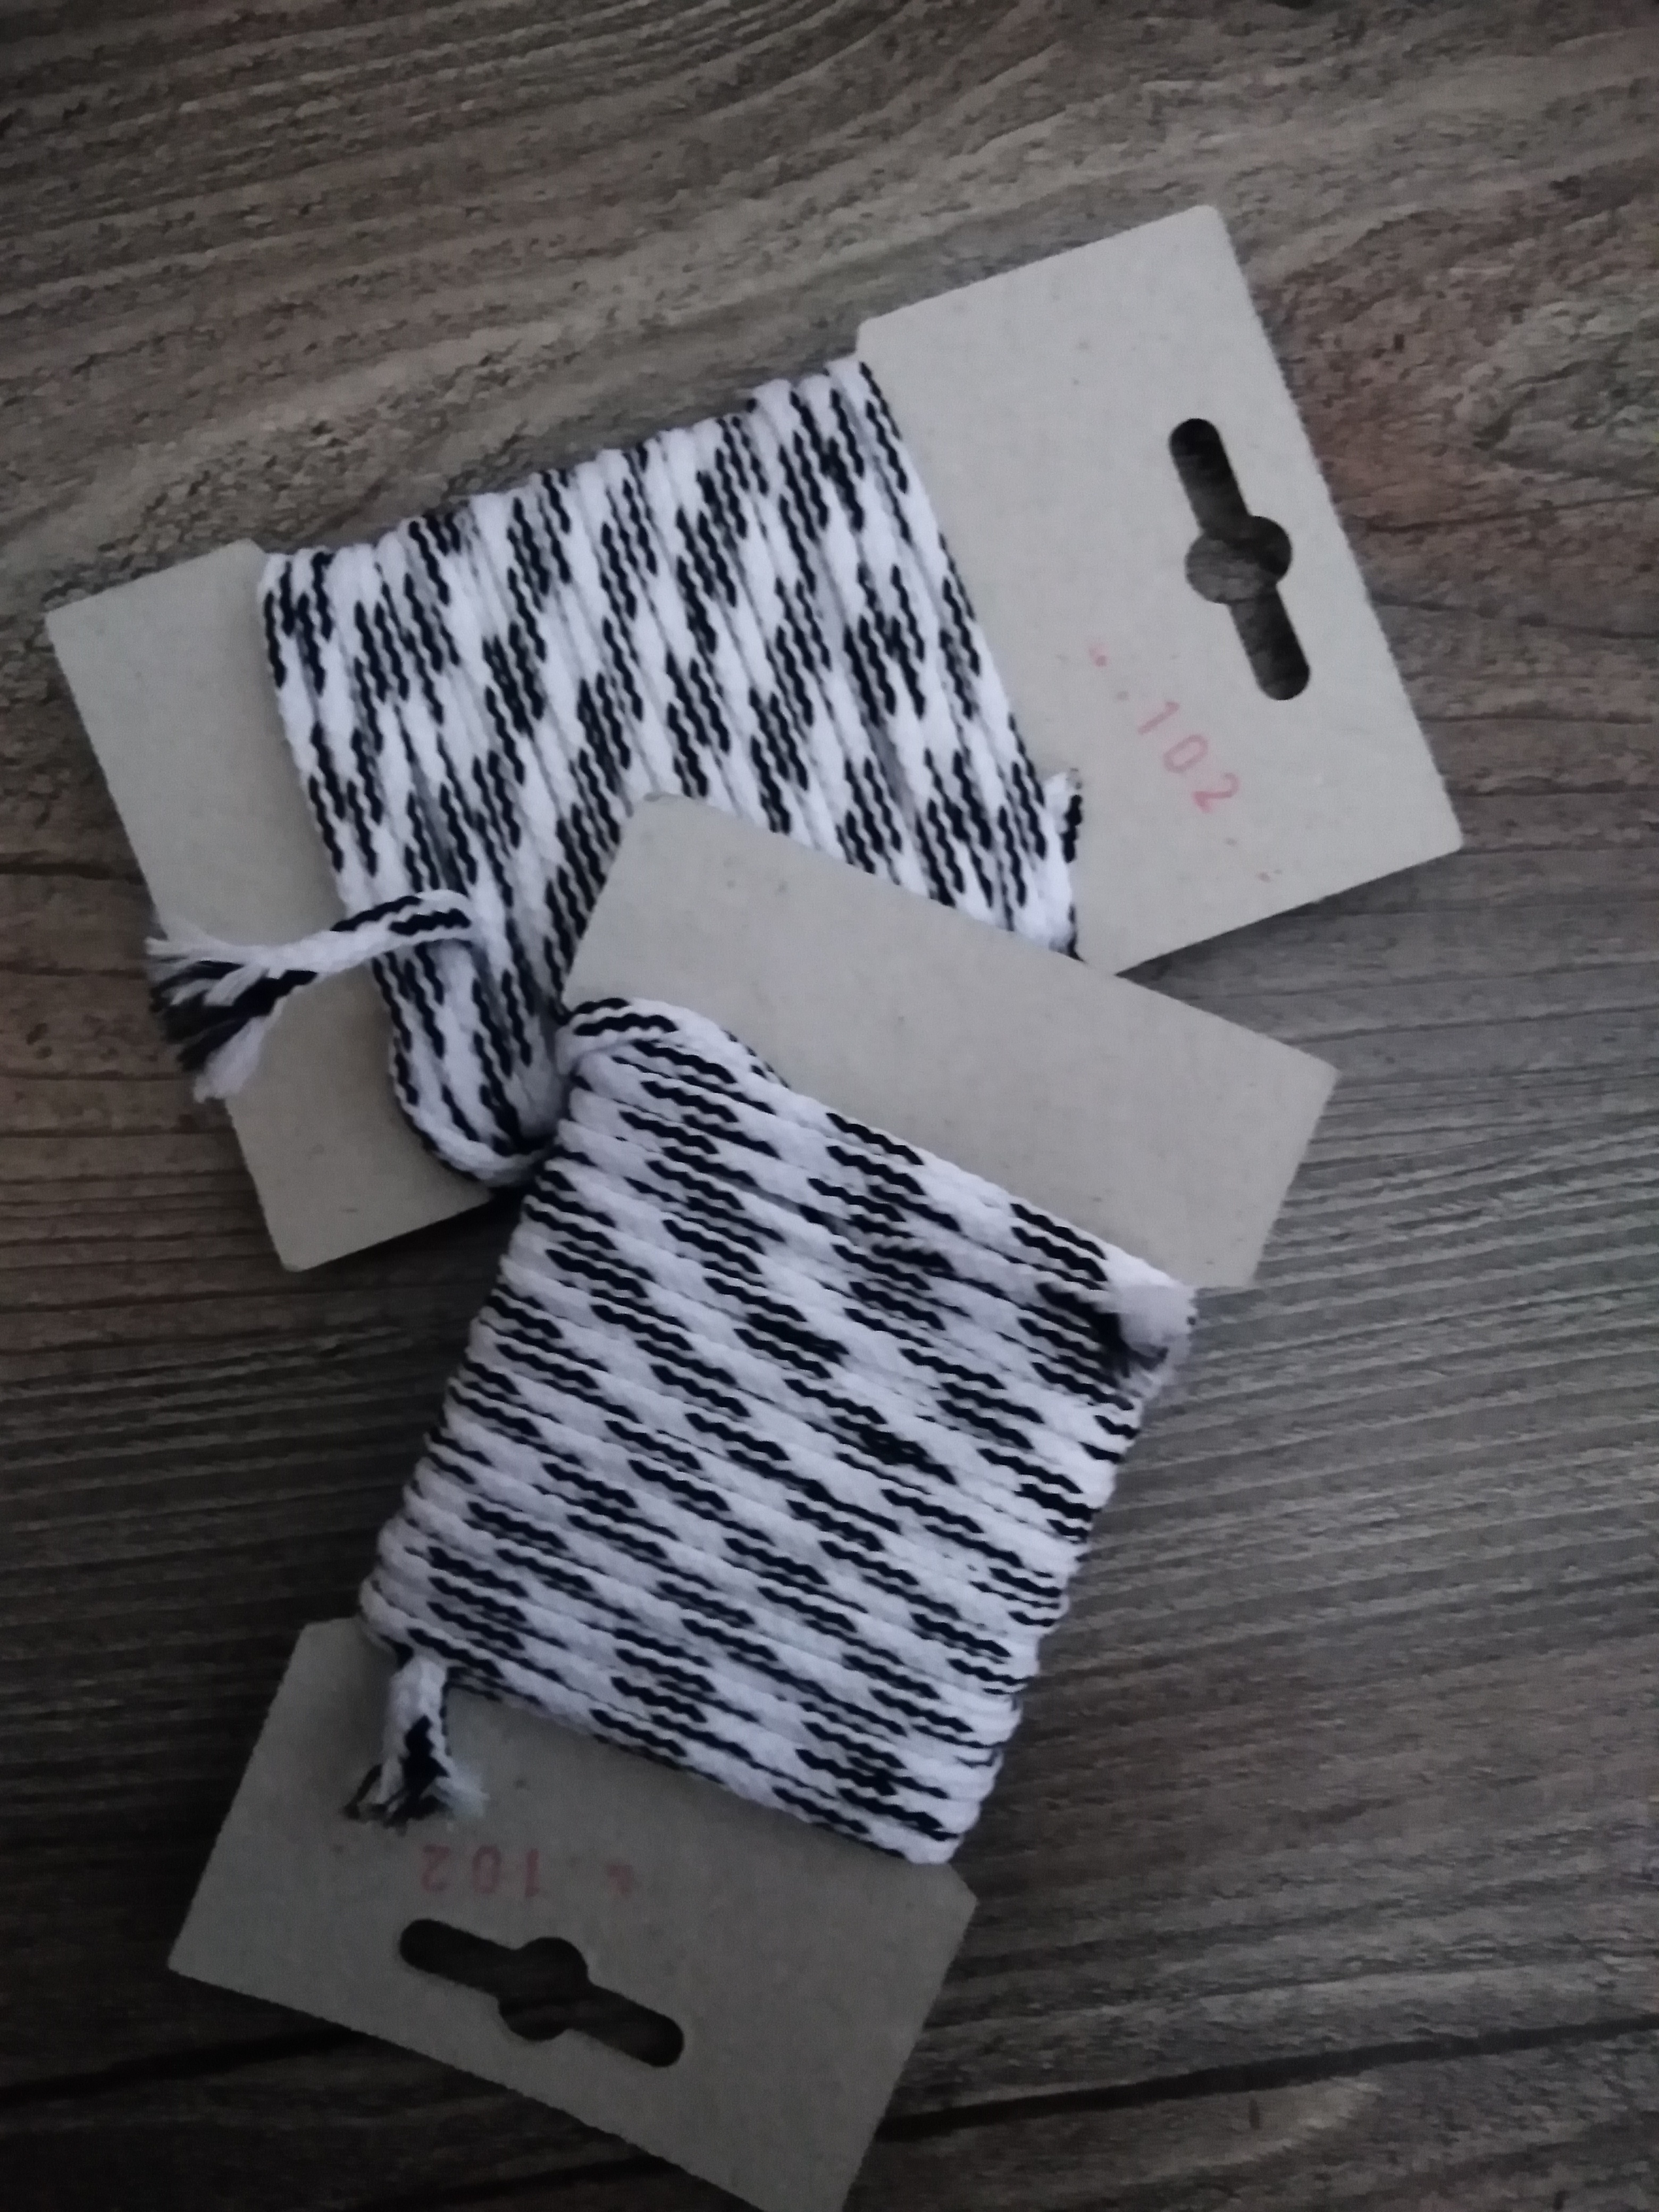 Šňůra oděvní polyesterová 4 mm karta 5 m bílá-černá